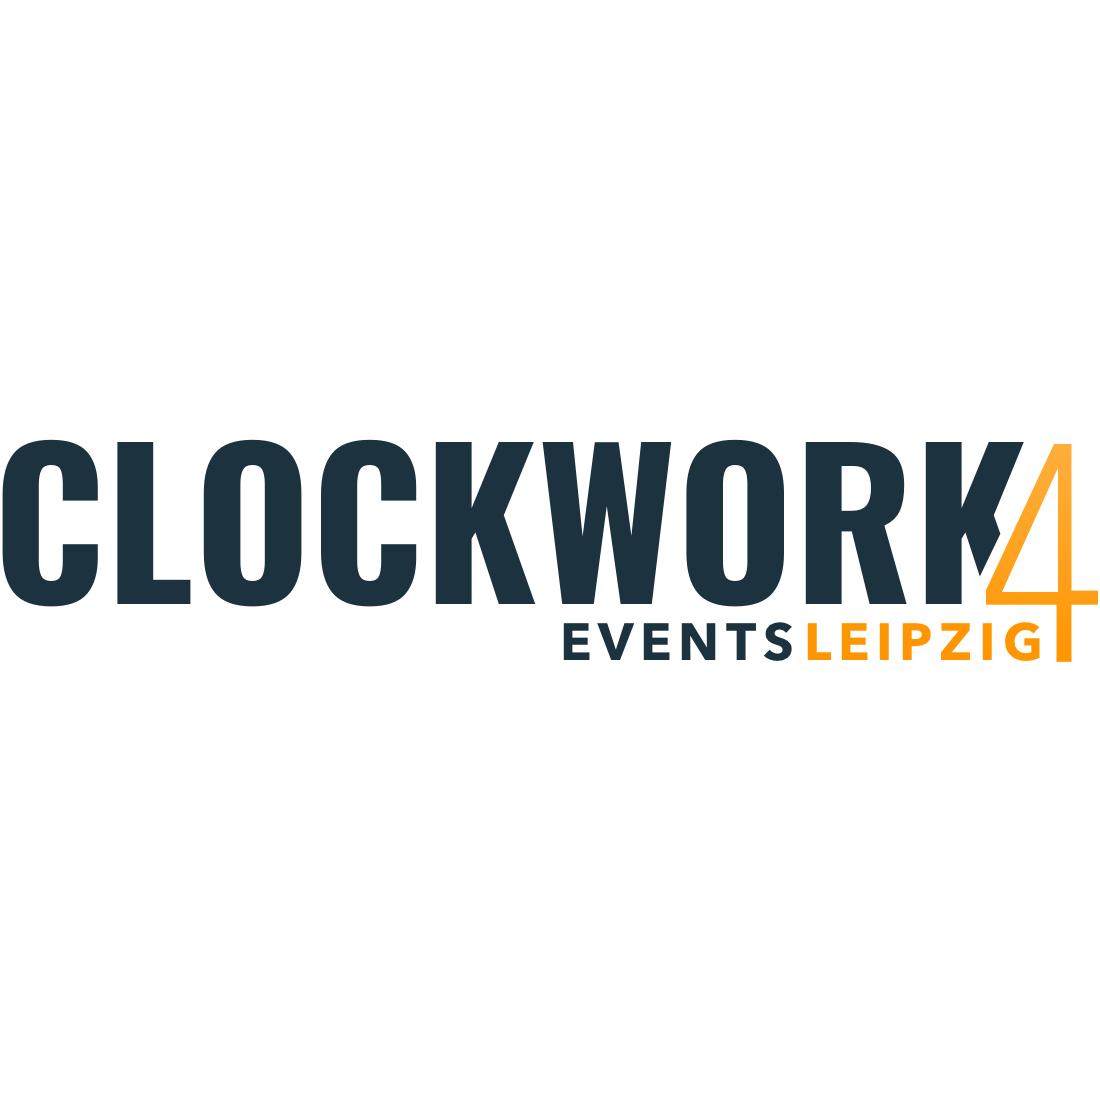 Bild zu Clockwork4Events Leipzig in Leipzig